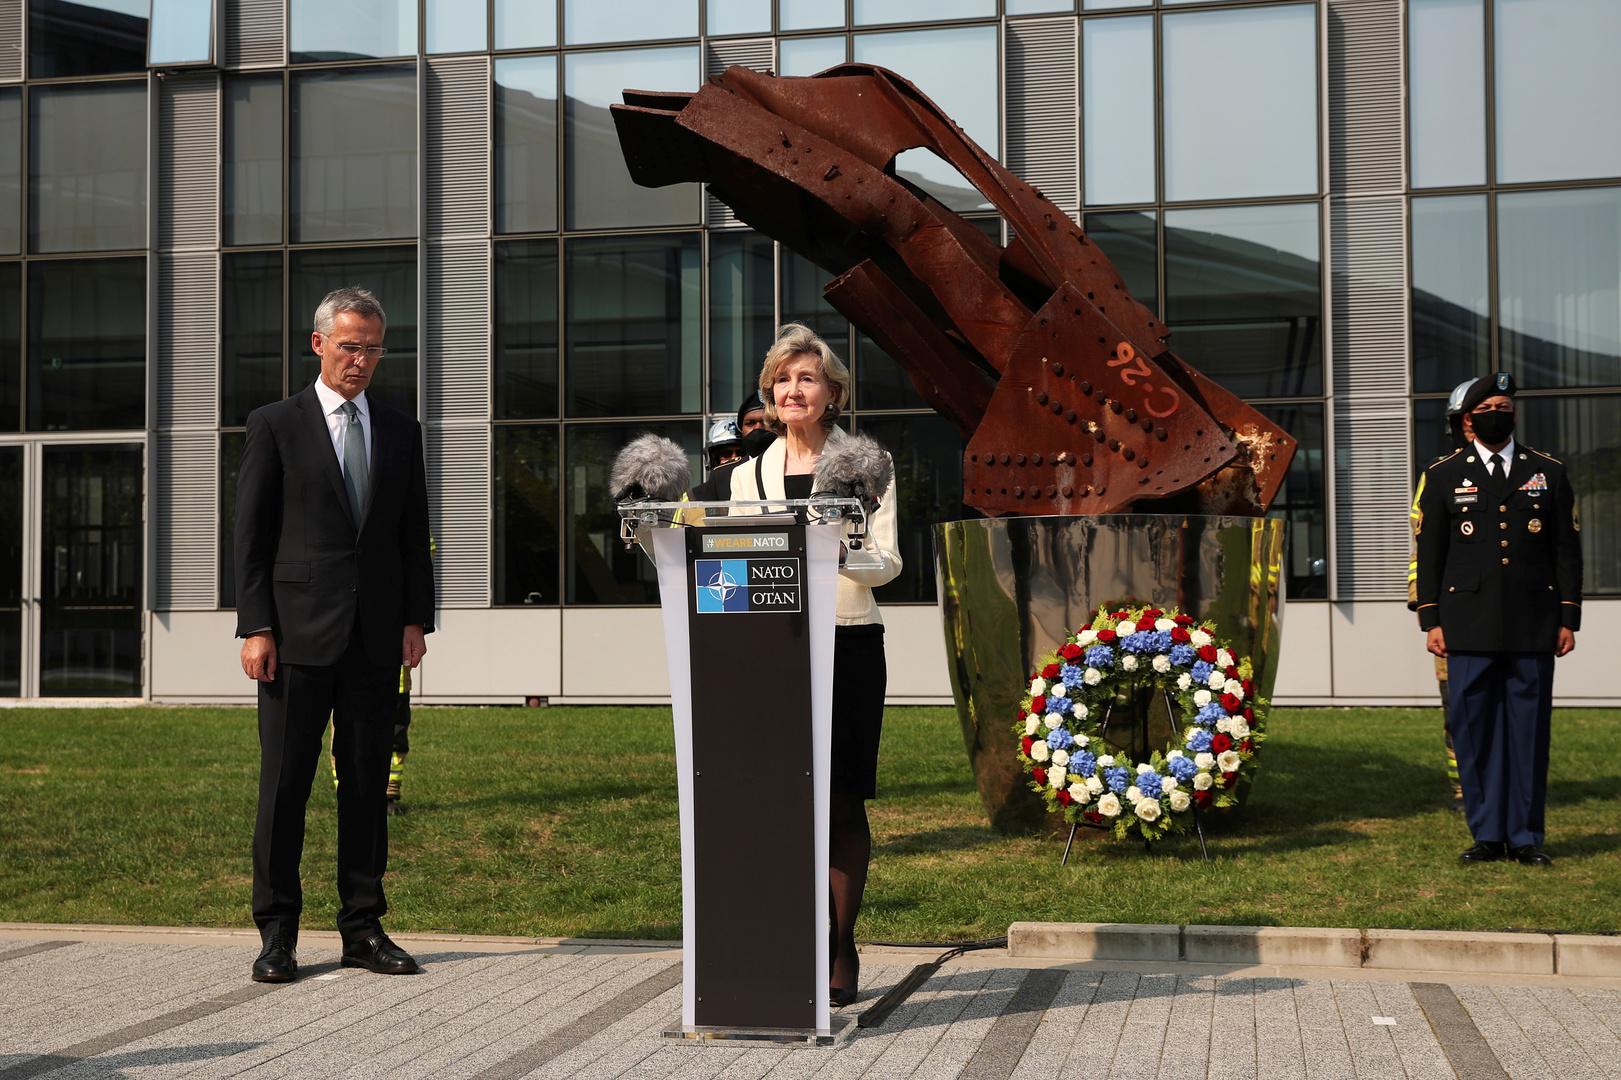 المندوبة الأمريكية لدى حلف الناتو، كي بيلي هاتشيسون.